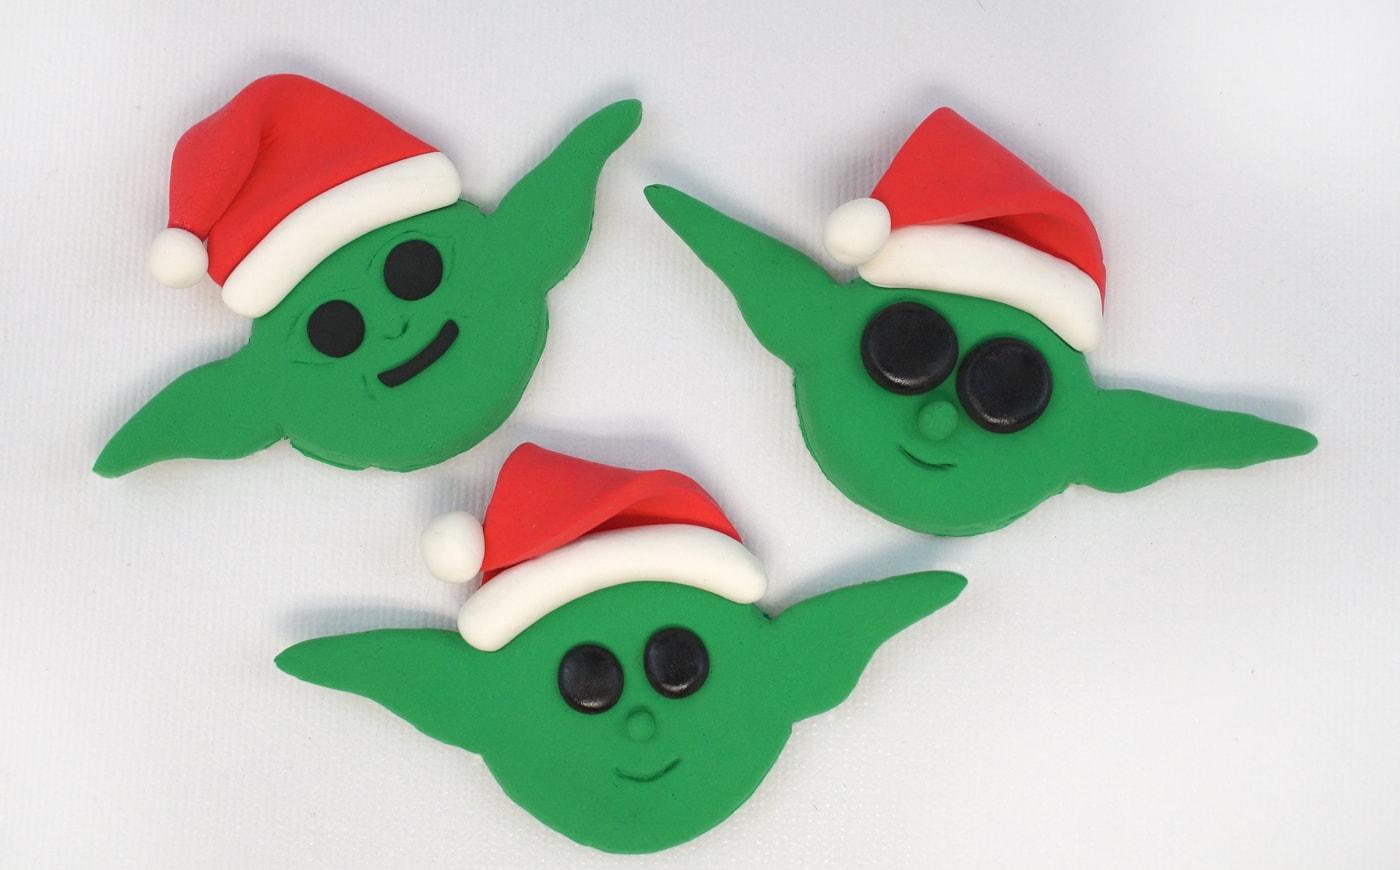 Three baby Yoda Christmas ornaments wearing Santa hats